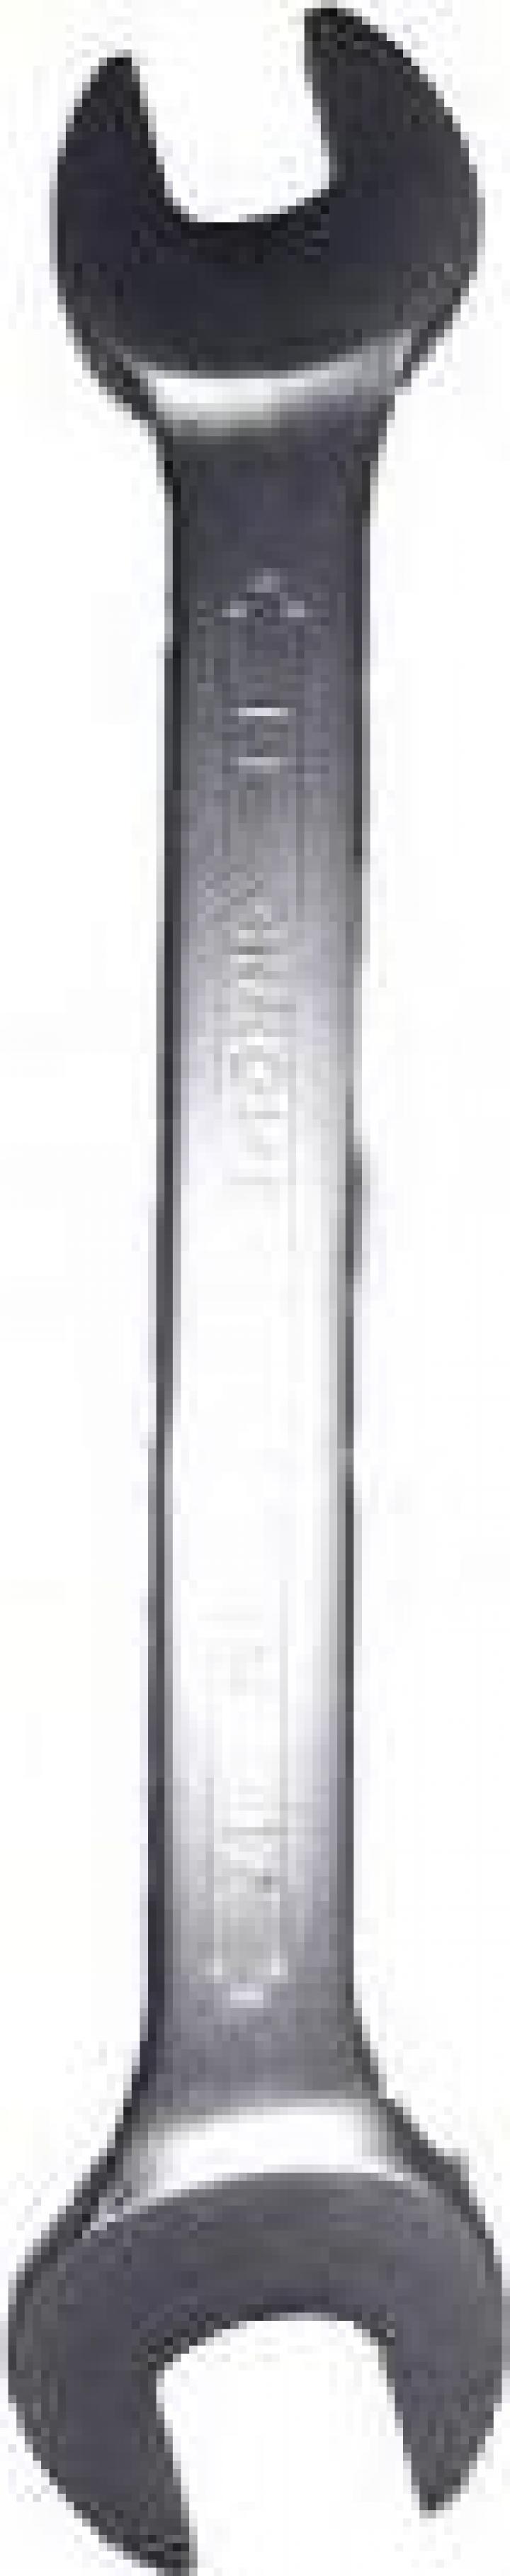 Cheie fixa 13-17mm Cr-V